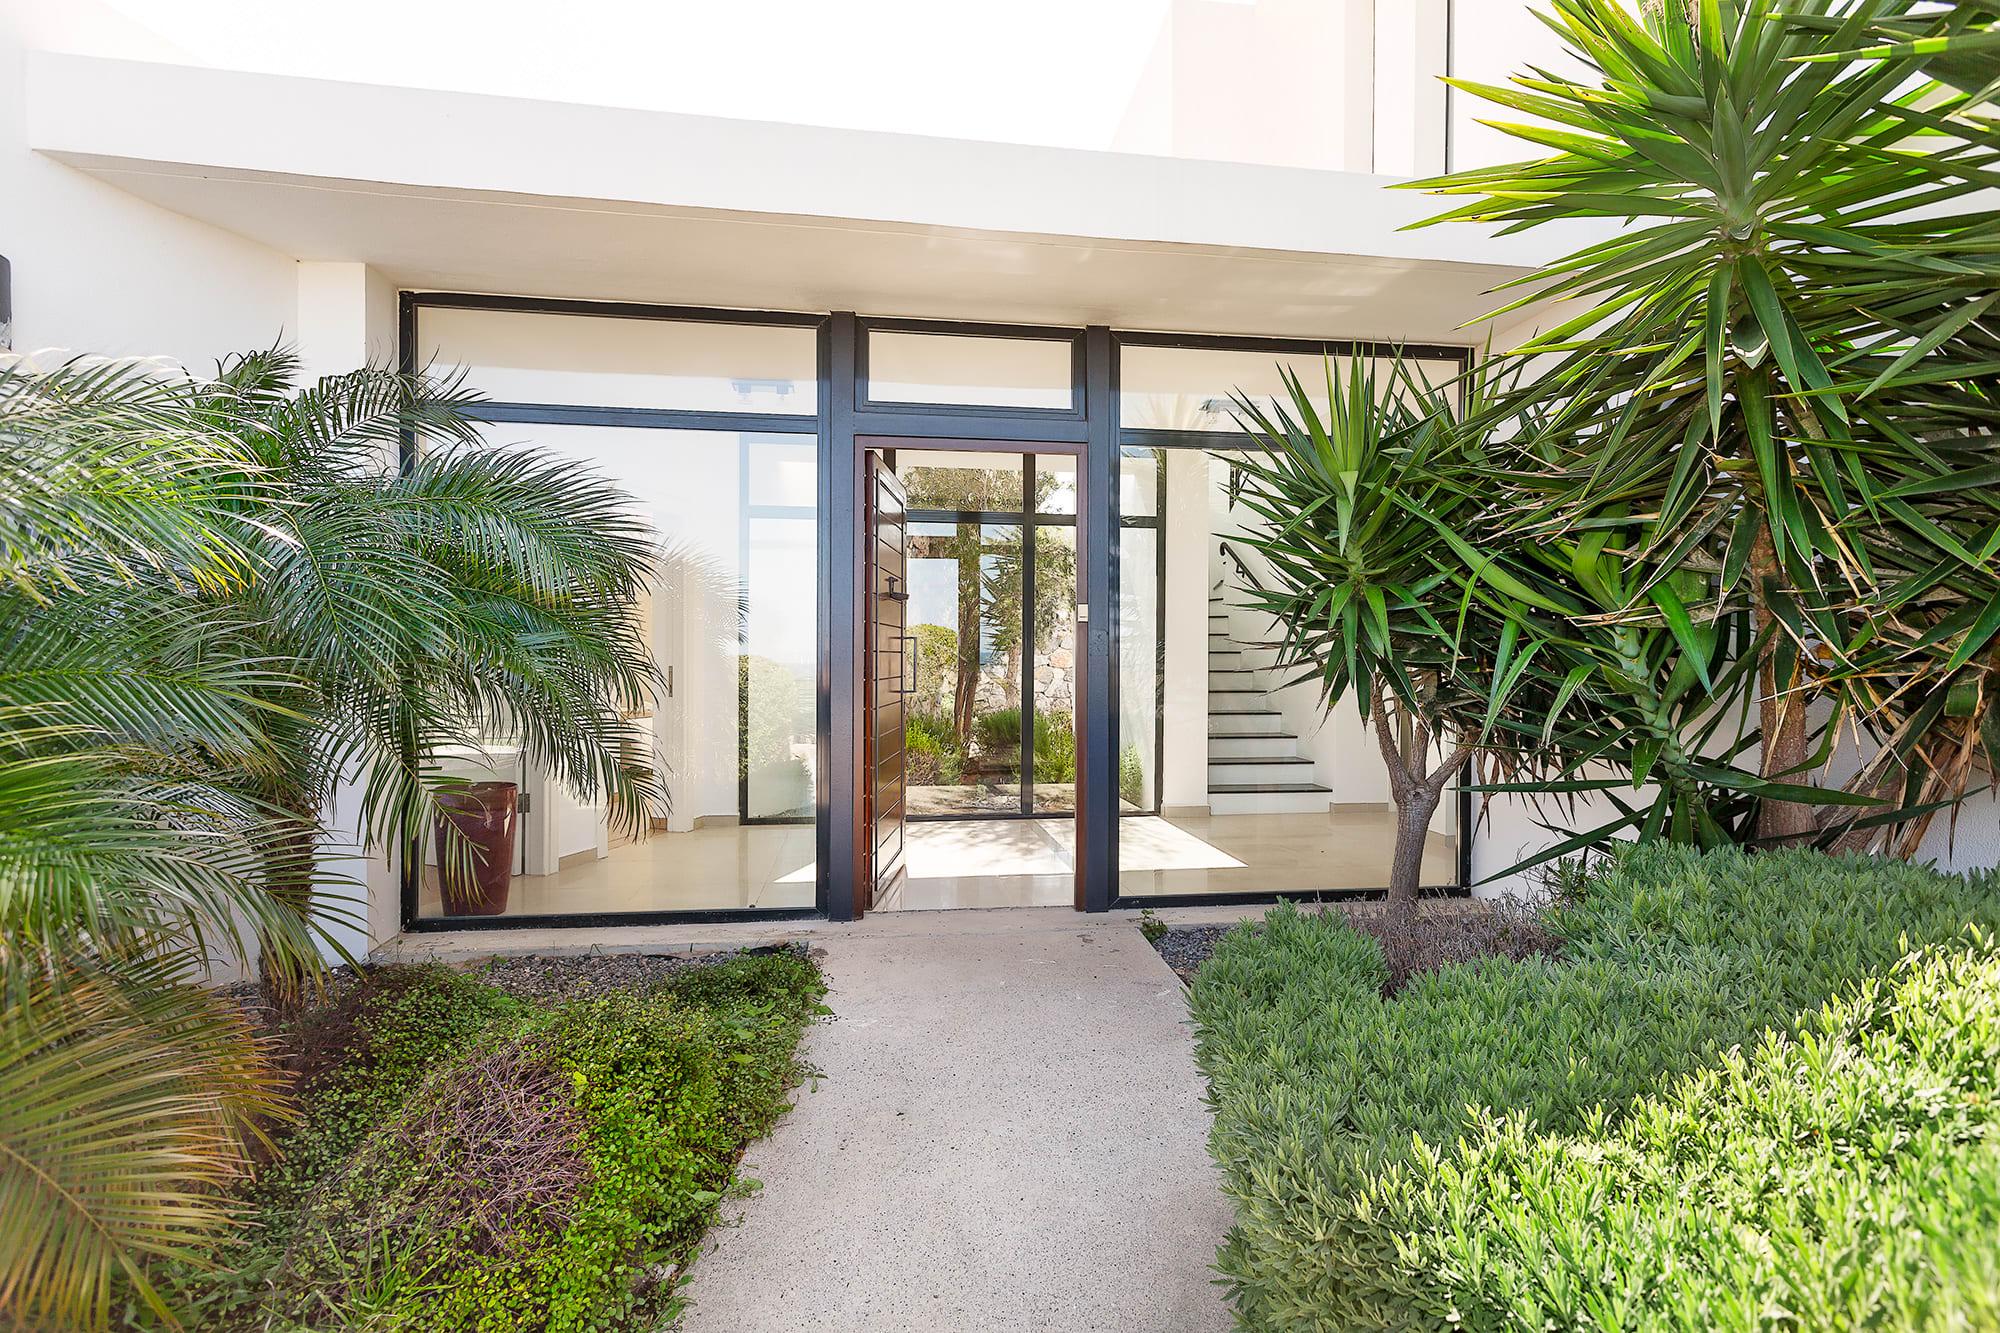 Bahçeli'de Satılık Denize Sıfır 3 Yatak Odalı ve Özel Havuzlu Villalar 9864